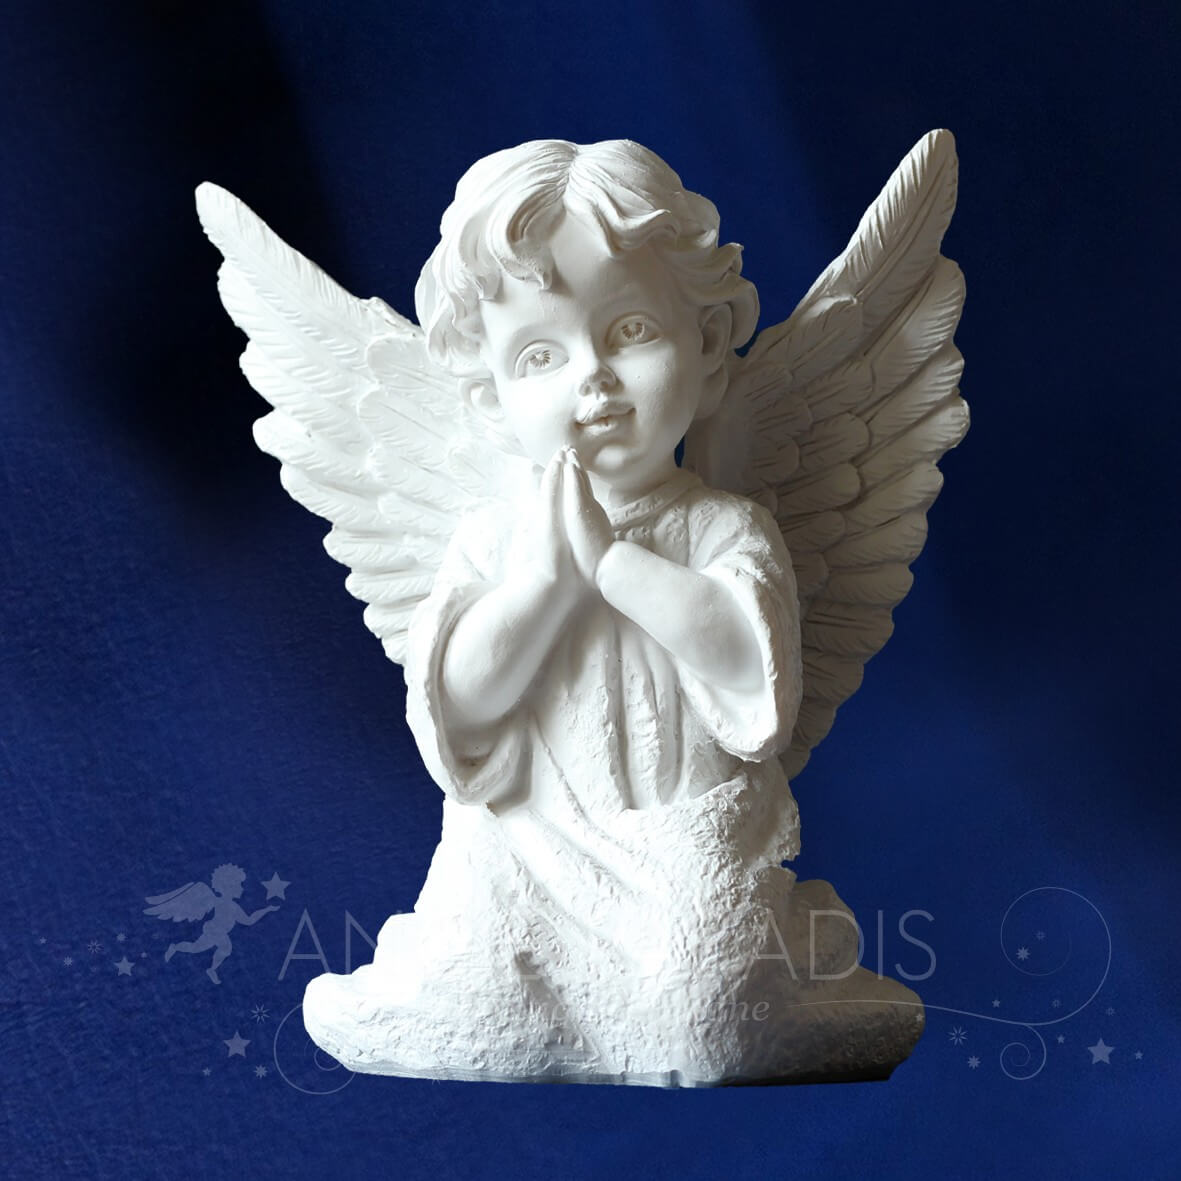 statue ange statuette ange boutique site ange anges blancs r sine. Black Bedroom Furniture Sets. Home Design Ideas